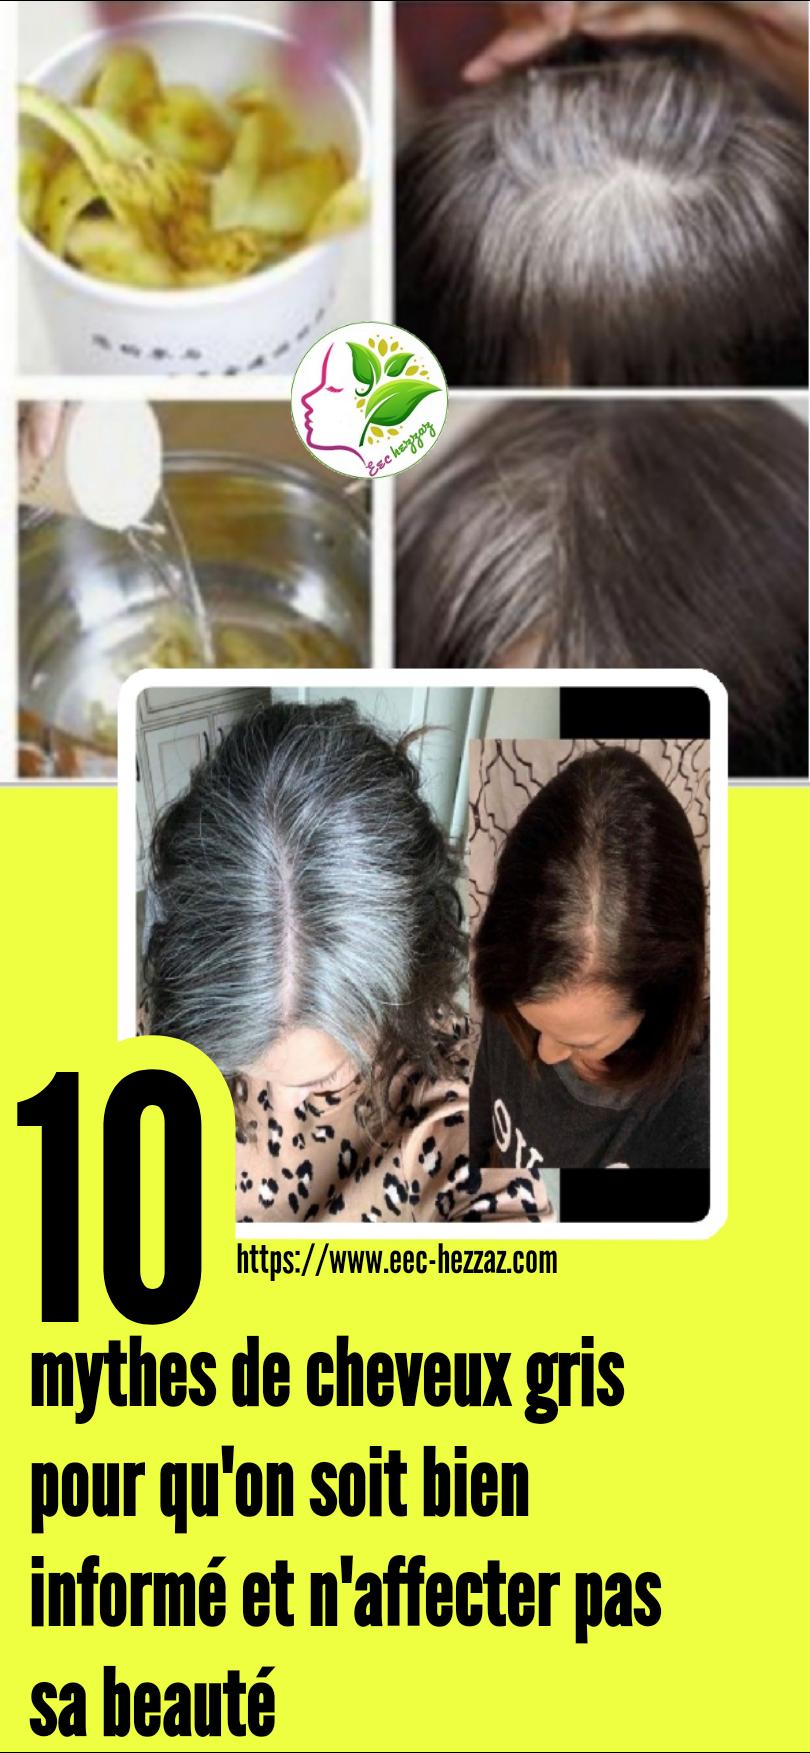 10 mythes de cheveux gris pour qu'on soit bien informé et n'affecter pas sa beauté10 mythes de cheveux gris pour qu'on soit bien informé et n'affecter pas sa beauté